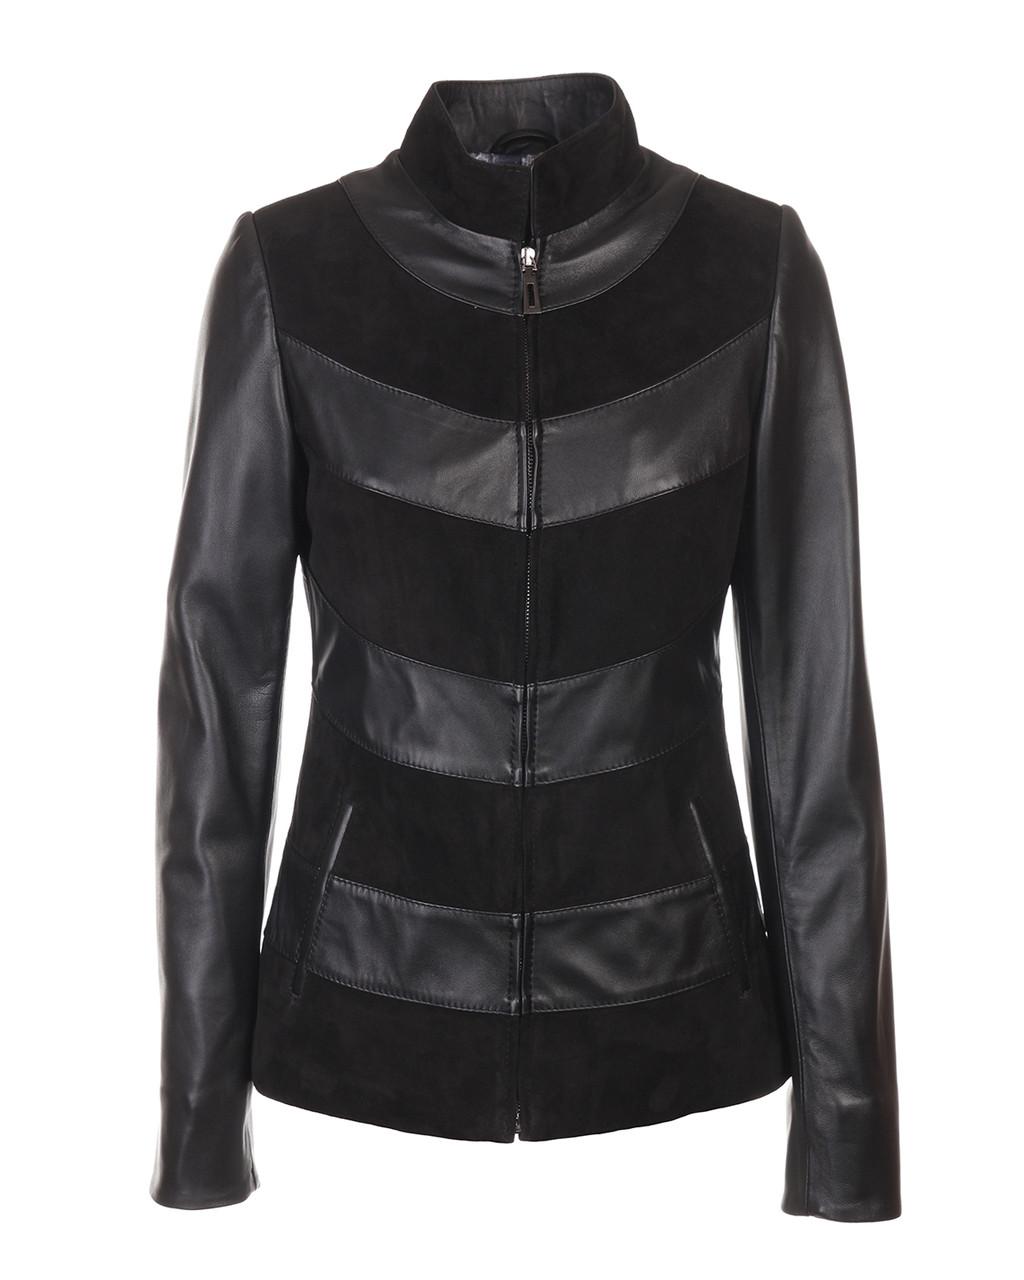 Шкіряна куртка VK чорна з замшею коротка (Арт. LIL201) 46 розміру